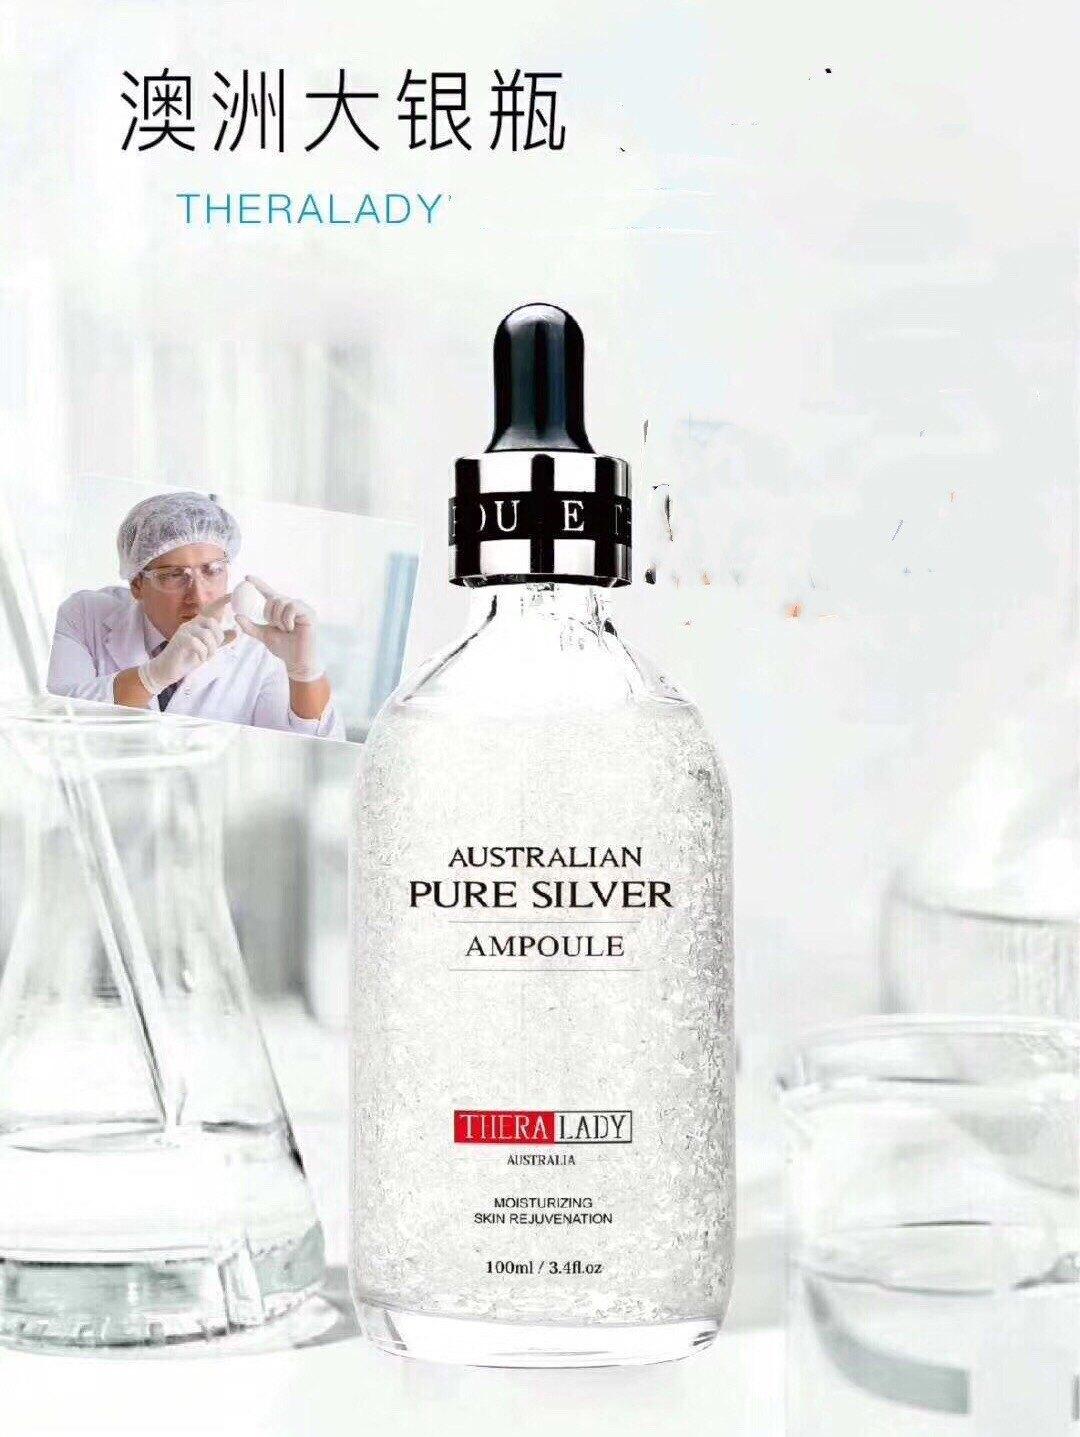 澳洲Thera Lady大銀瓶 精華液 100ml (澳洲大銀瓶 美白精華液)大金瓶